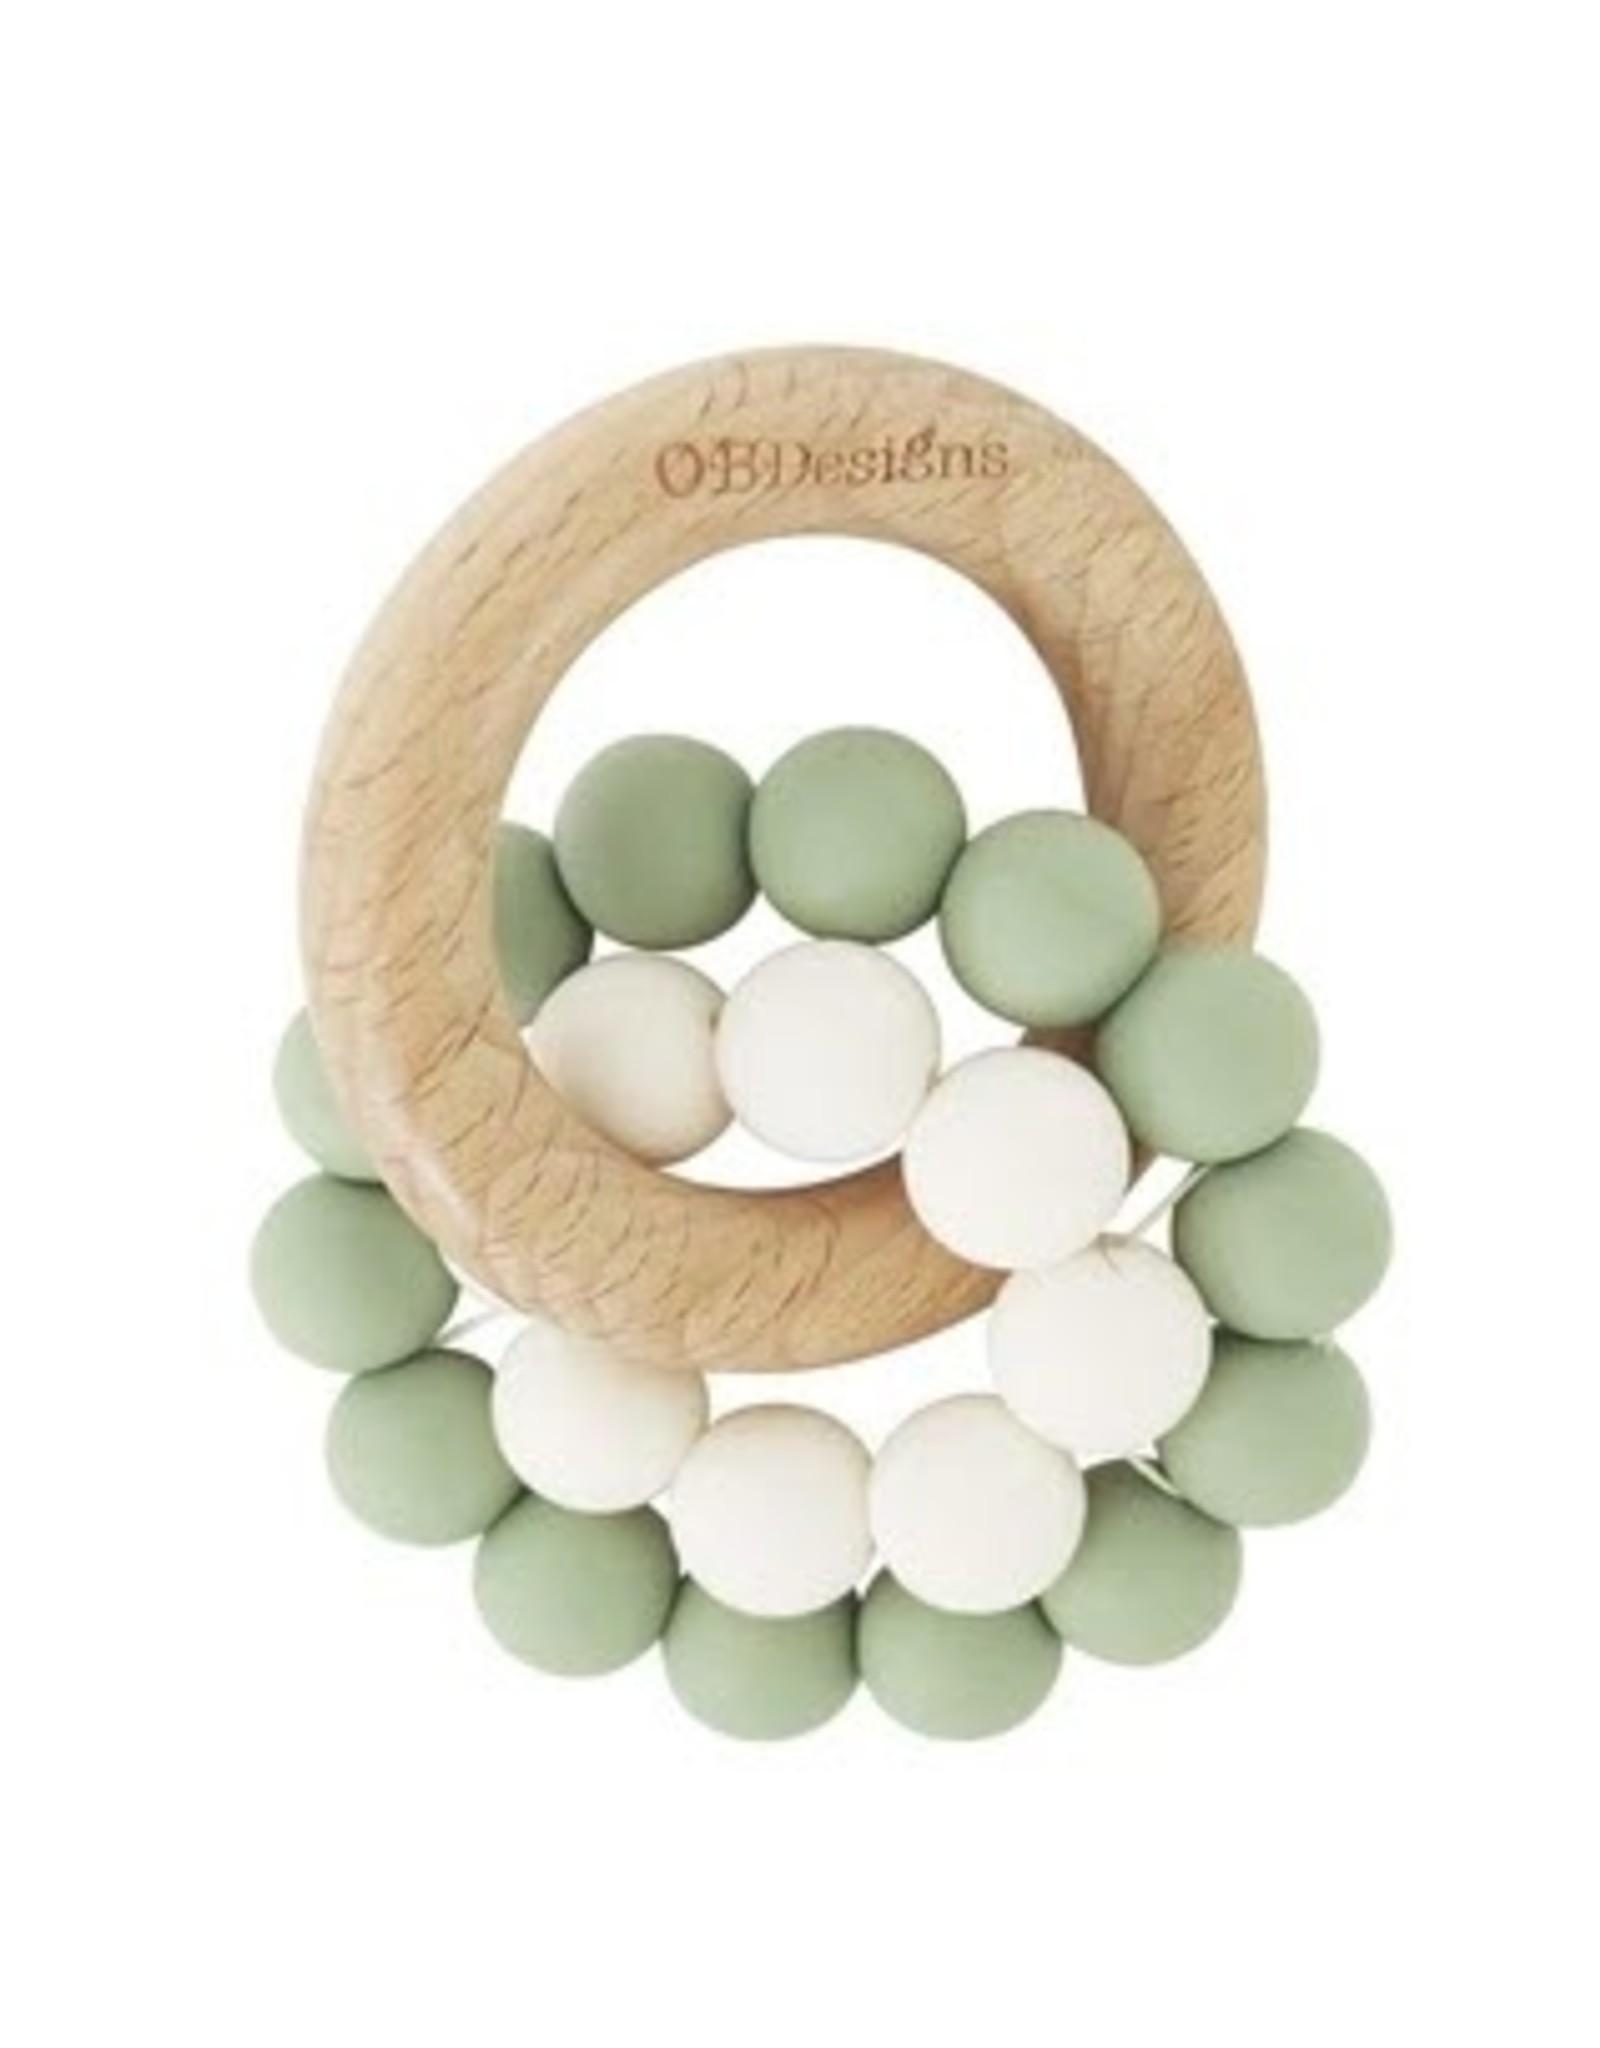 O B Designs O.B Designs - Eco Teether Toy Sage